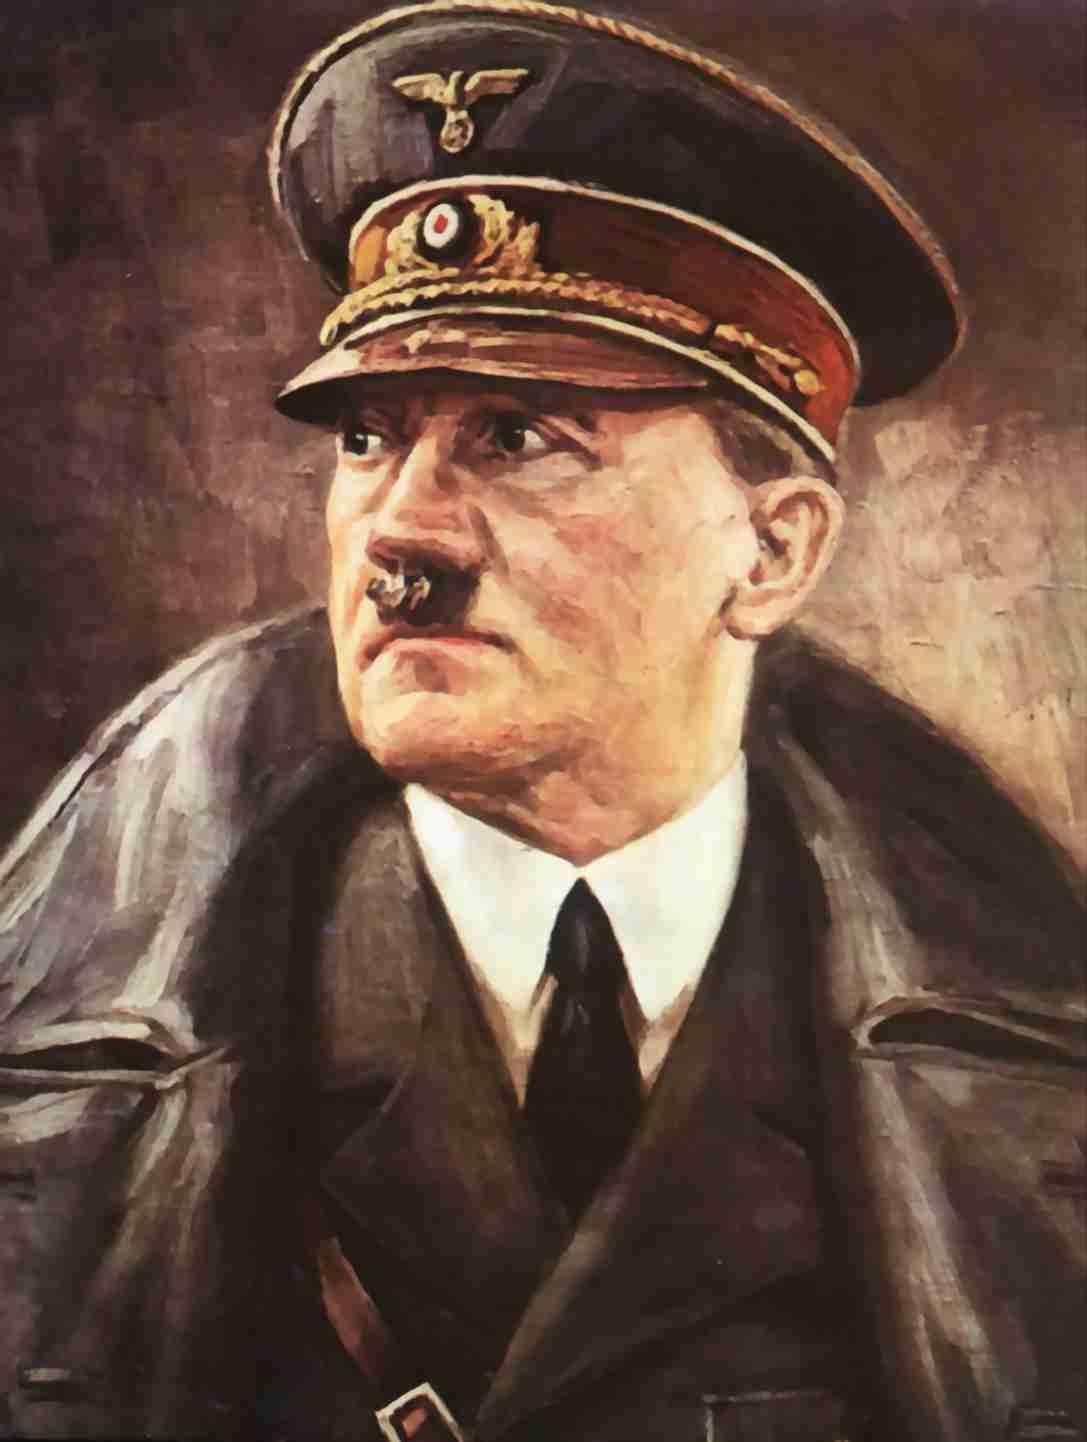 http://www.the-savoisien.com/blog/public/img11/hitler.jpg